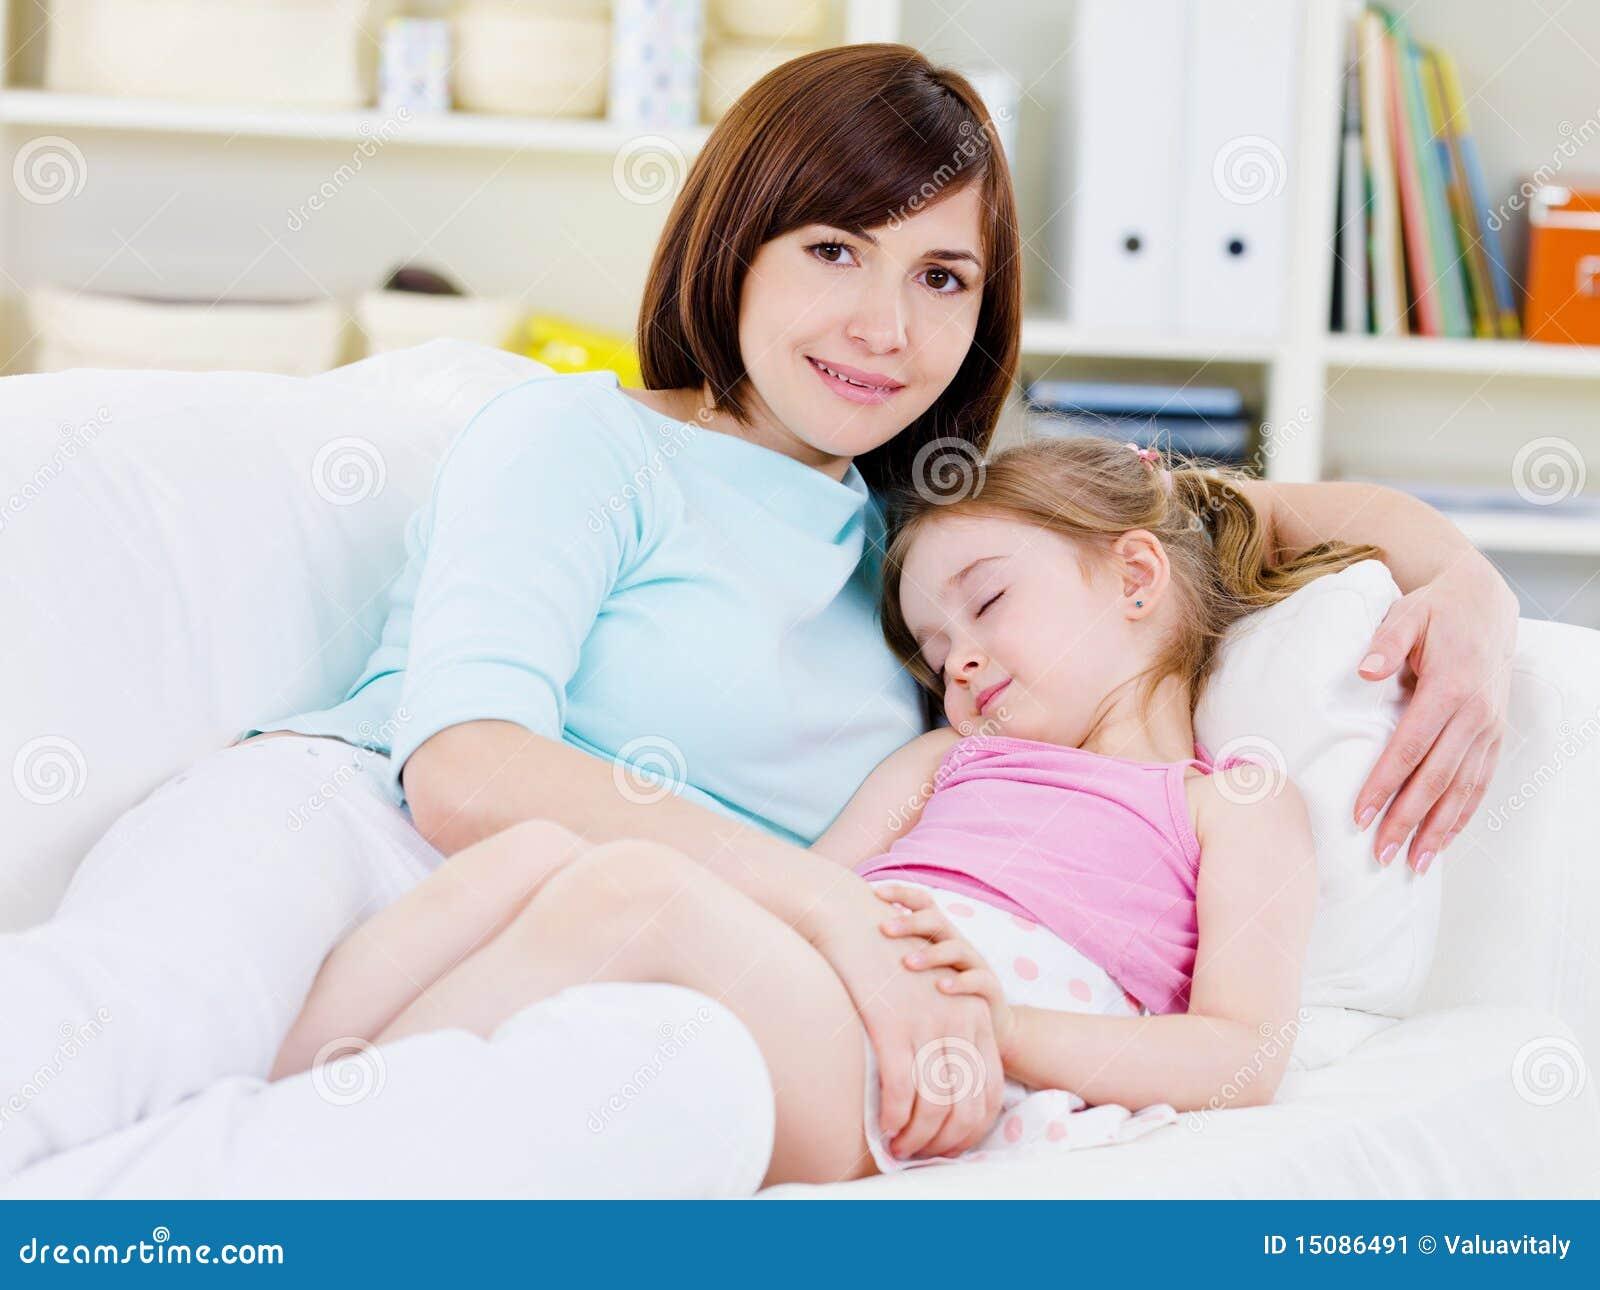 Жмж мама с дочкой отрывается